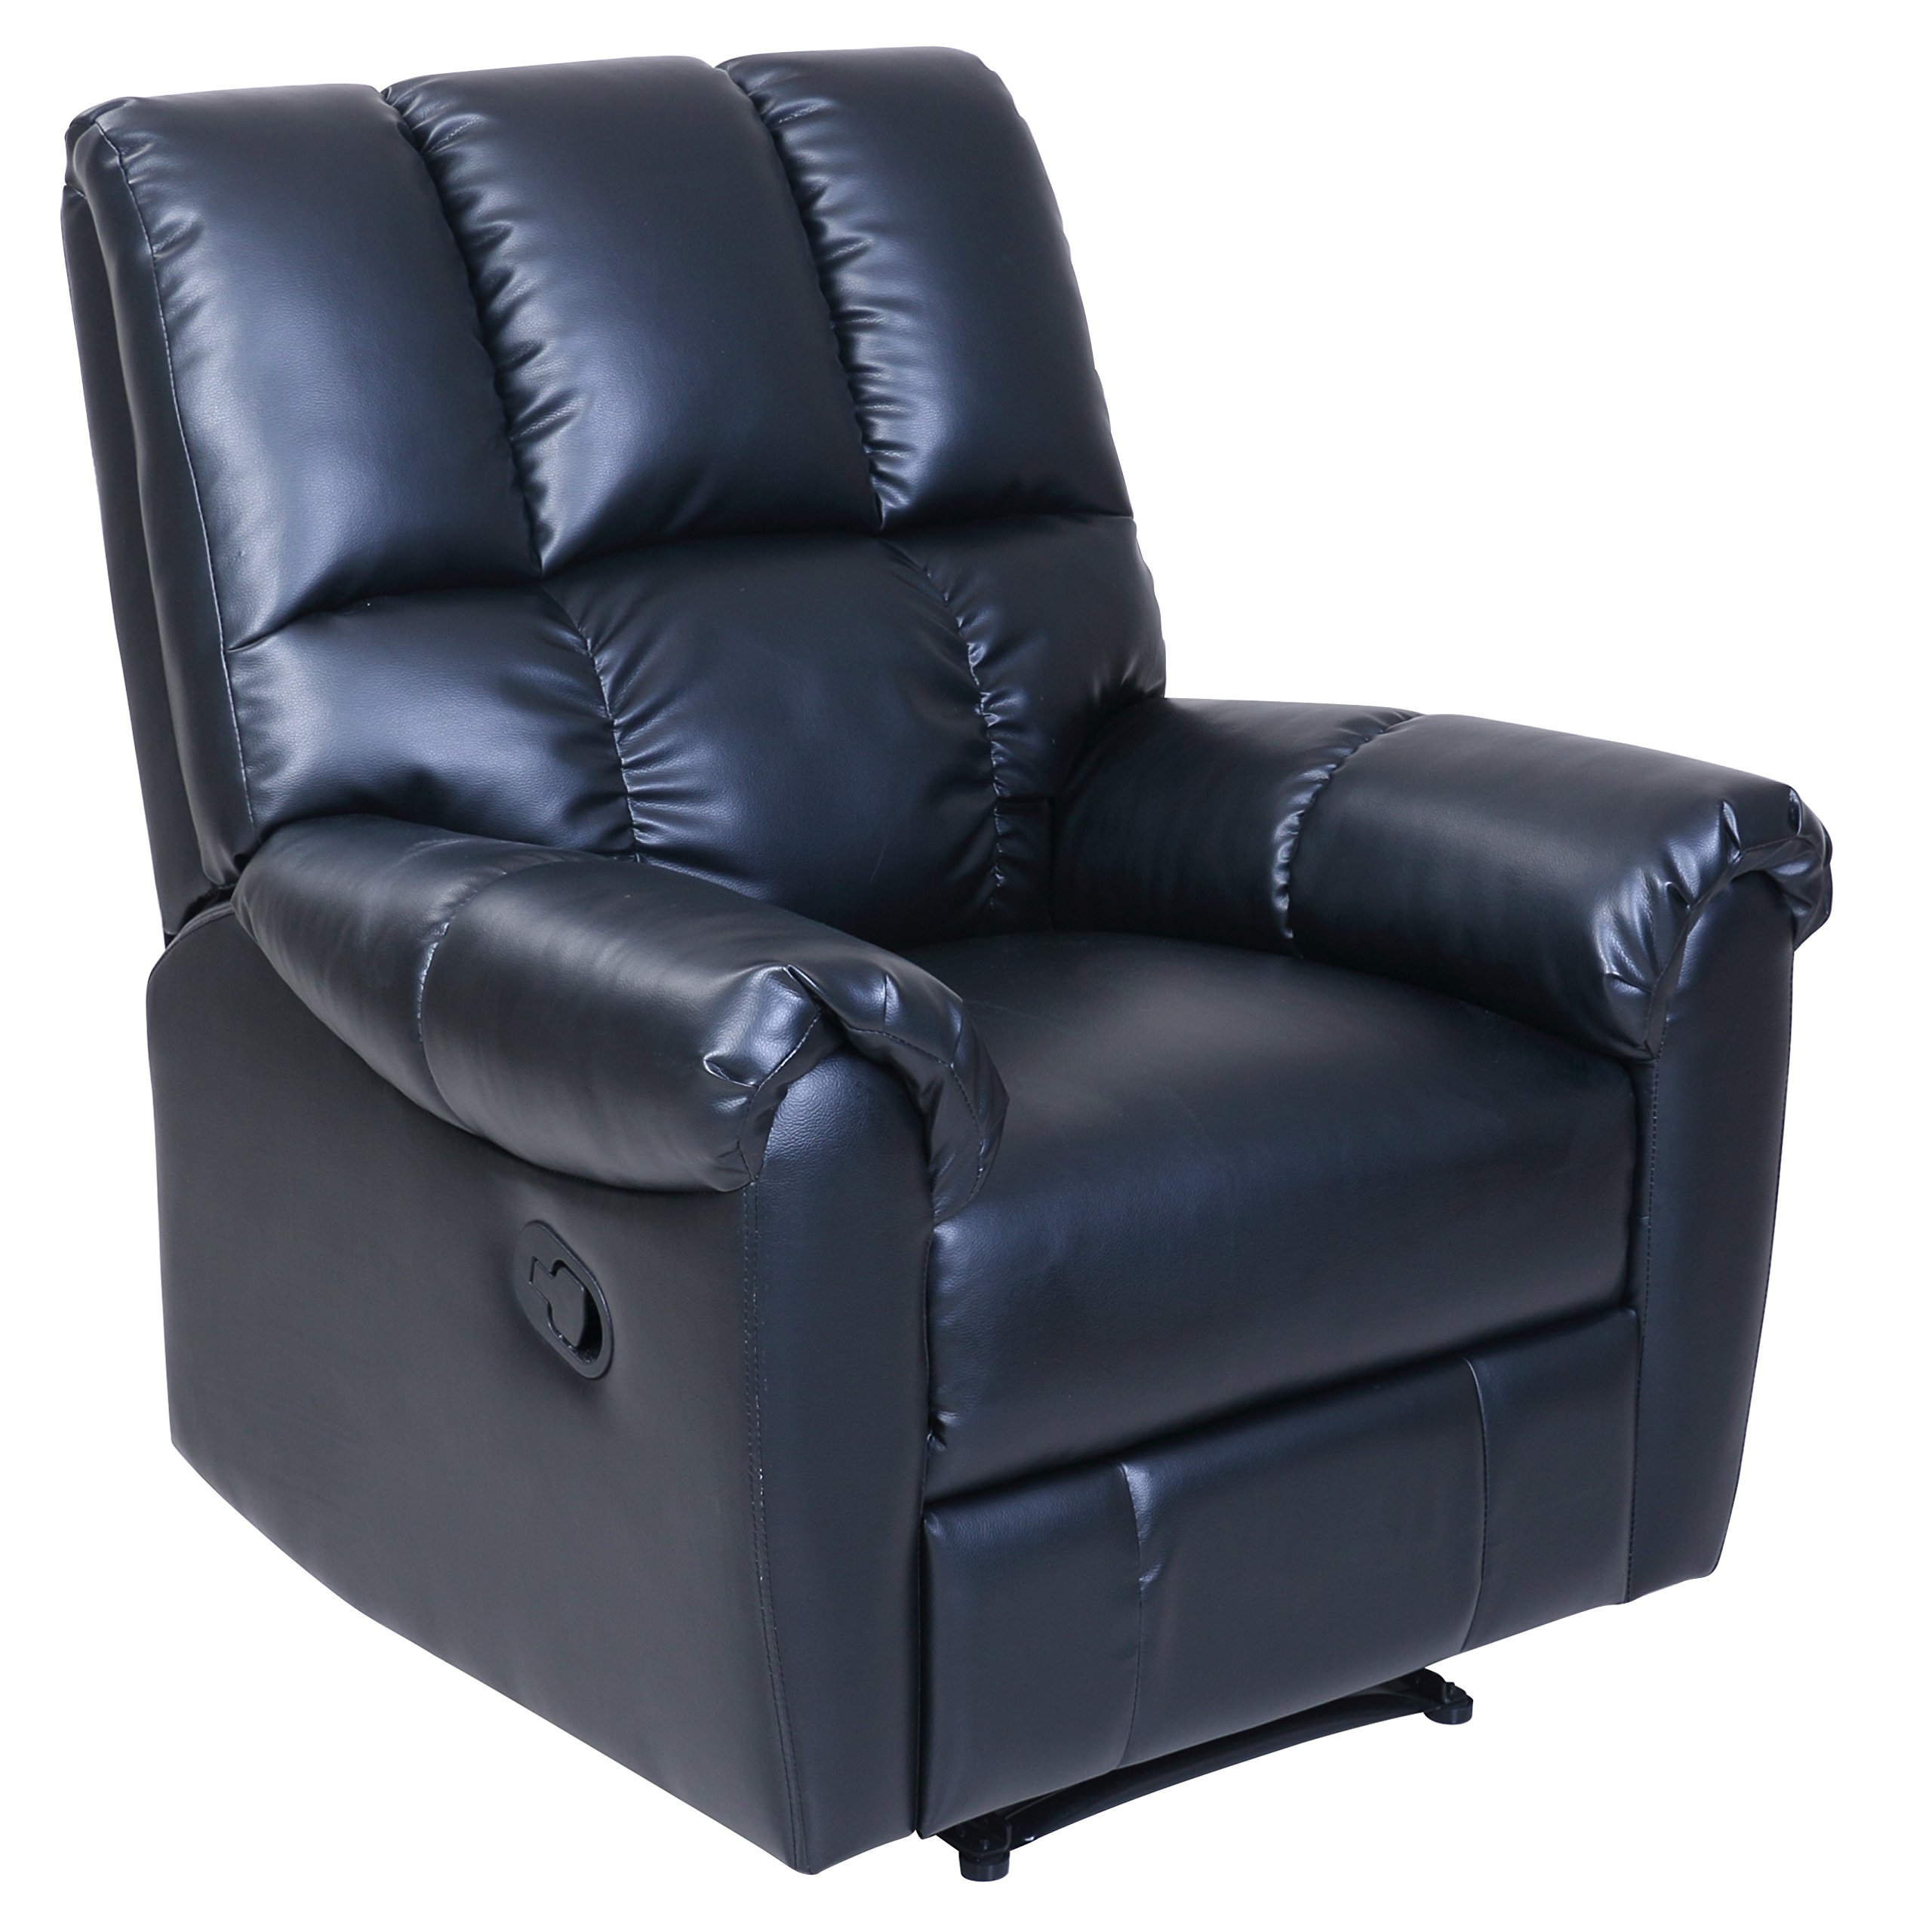 Barcalounger Relax & Restore Recliner, Black by BarcaLounger